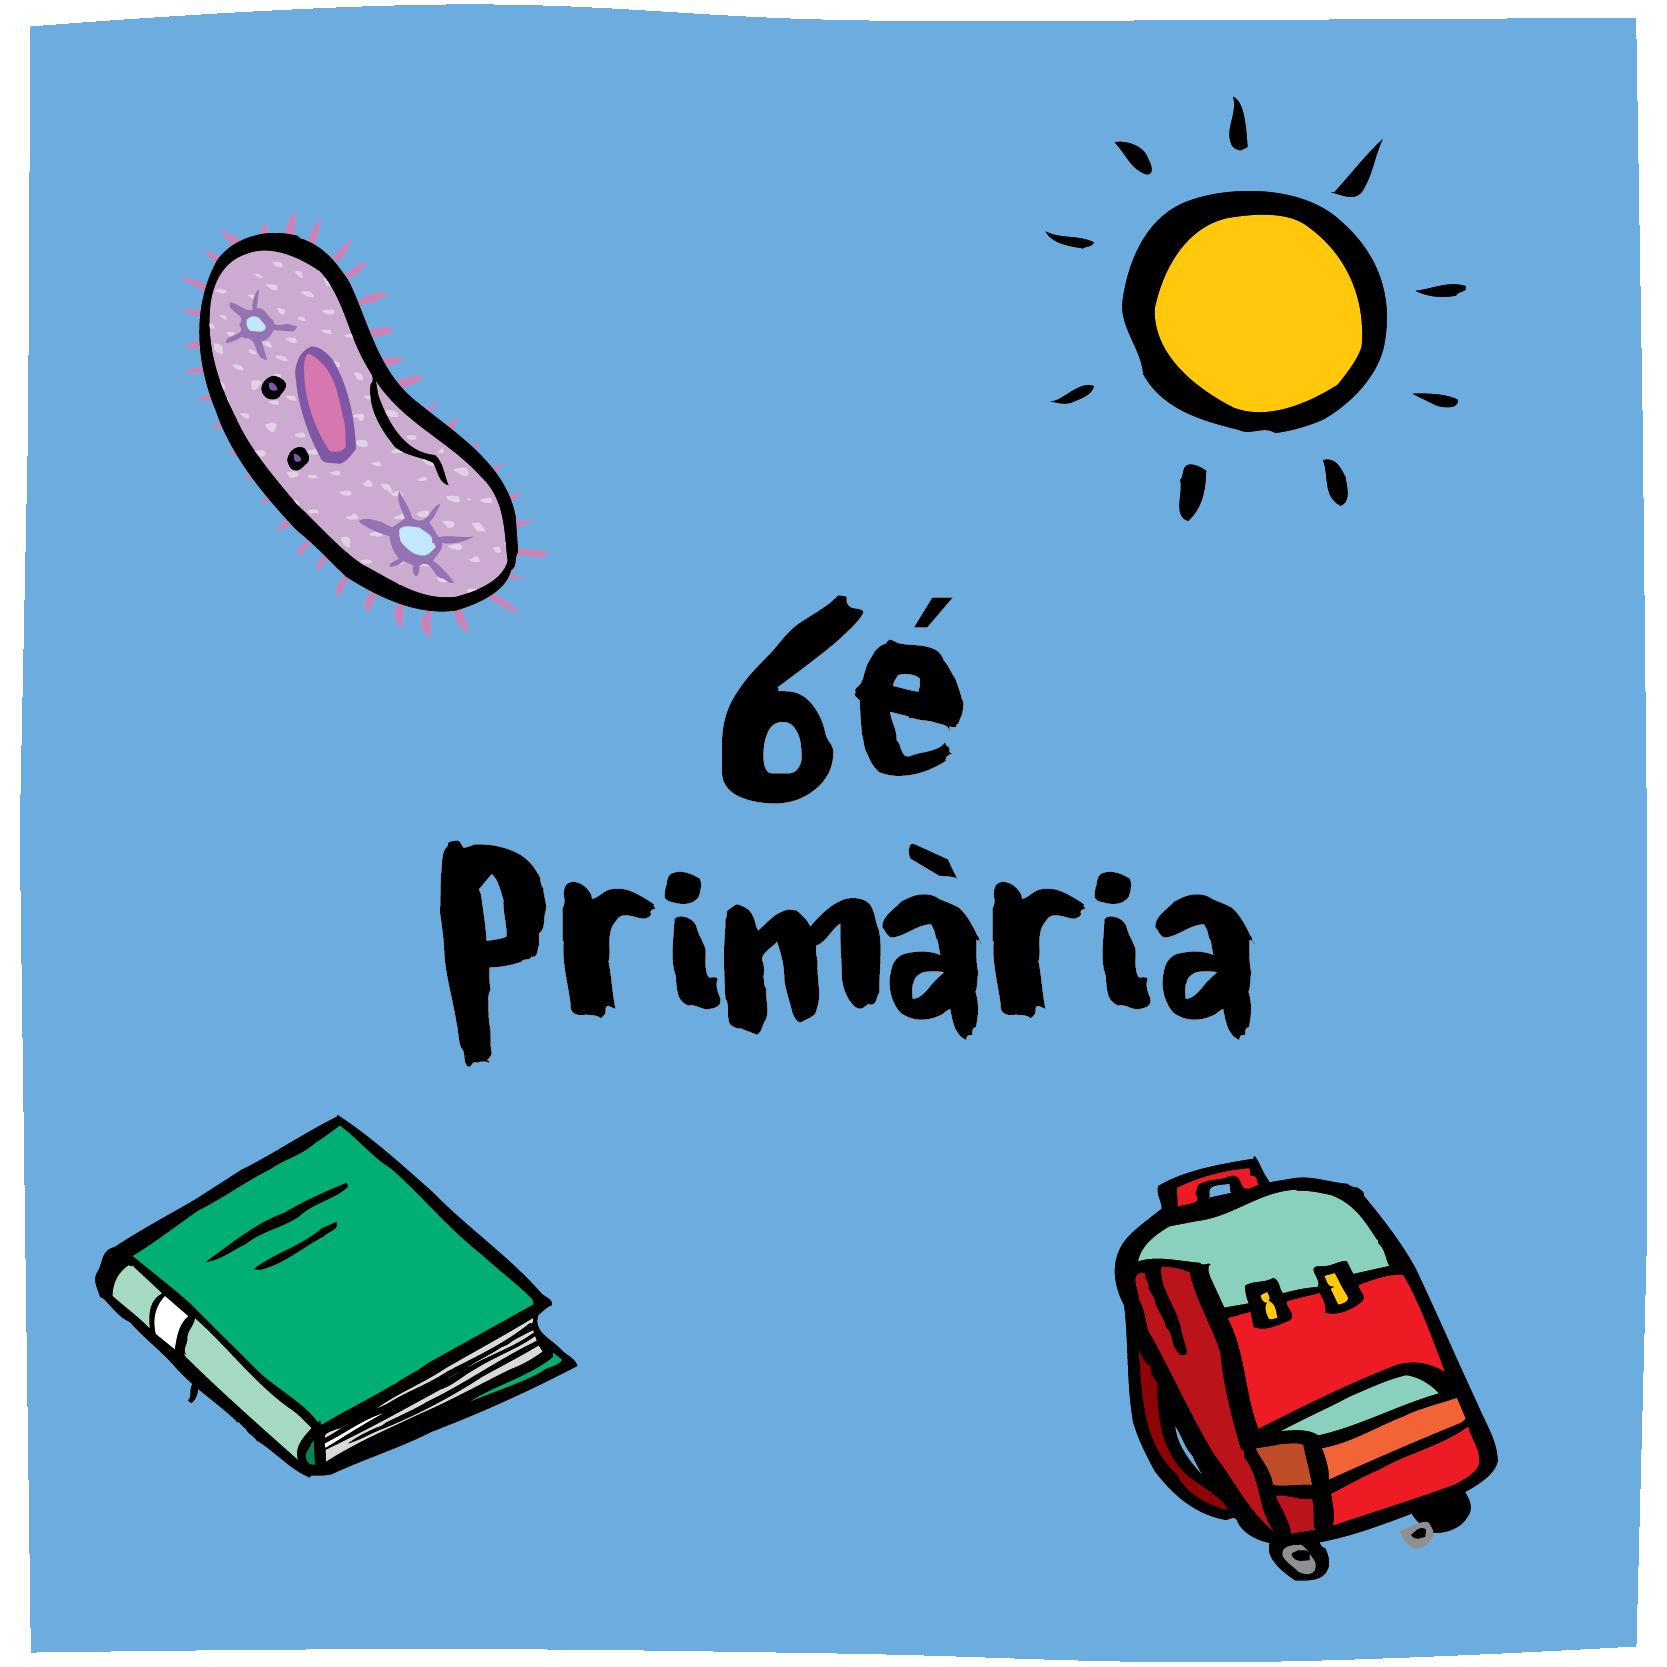 OBN 6é Primària